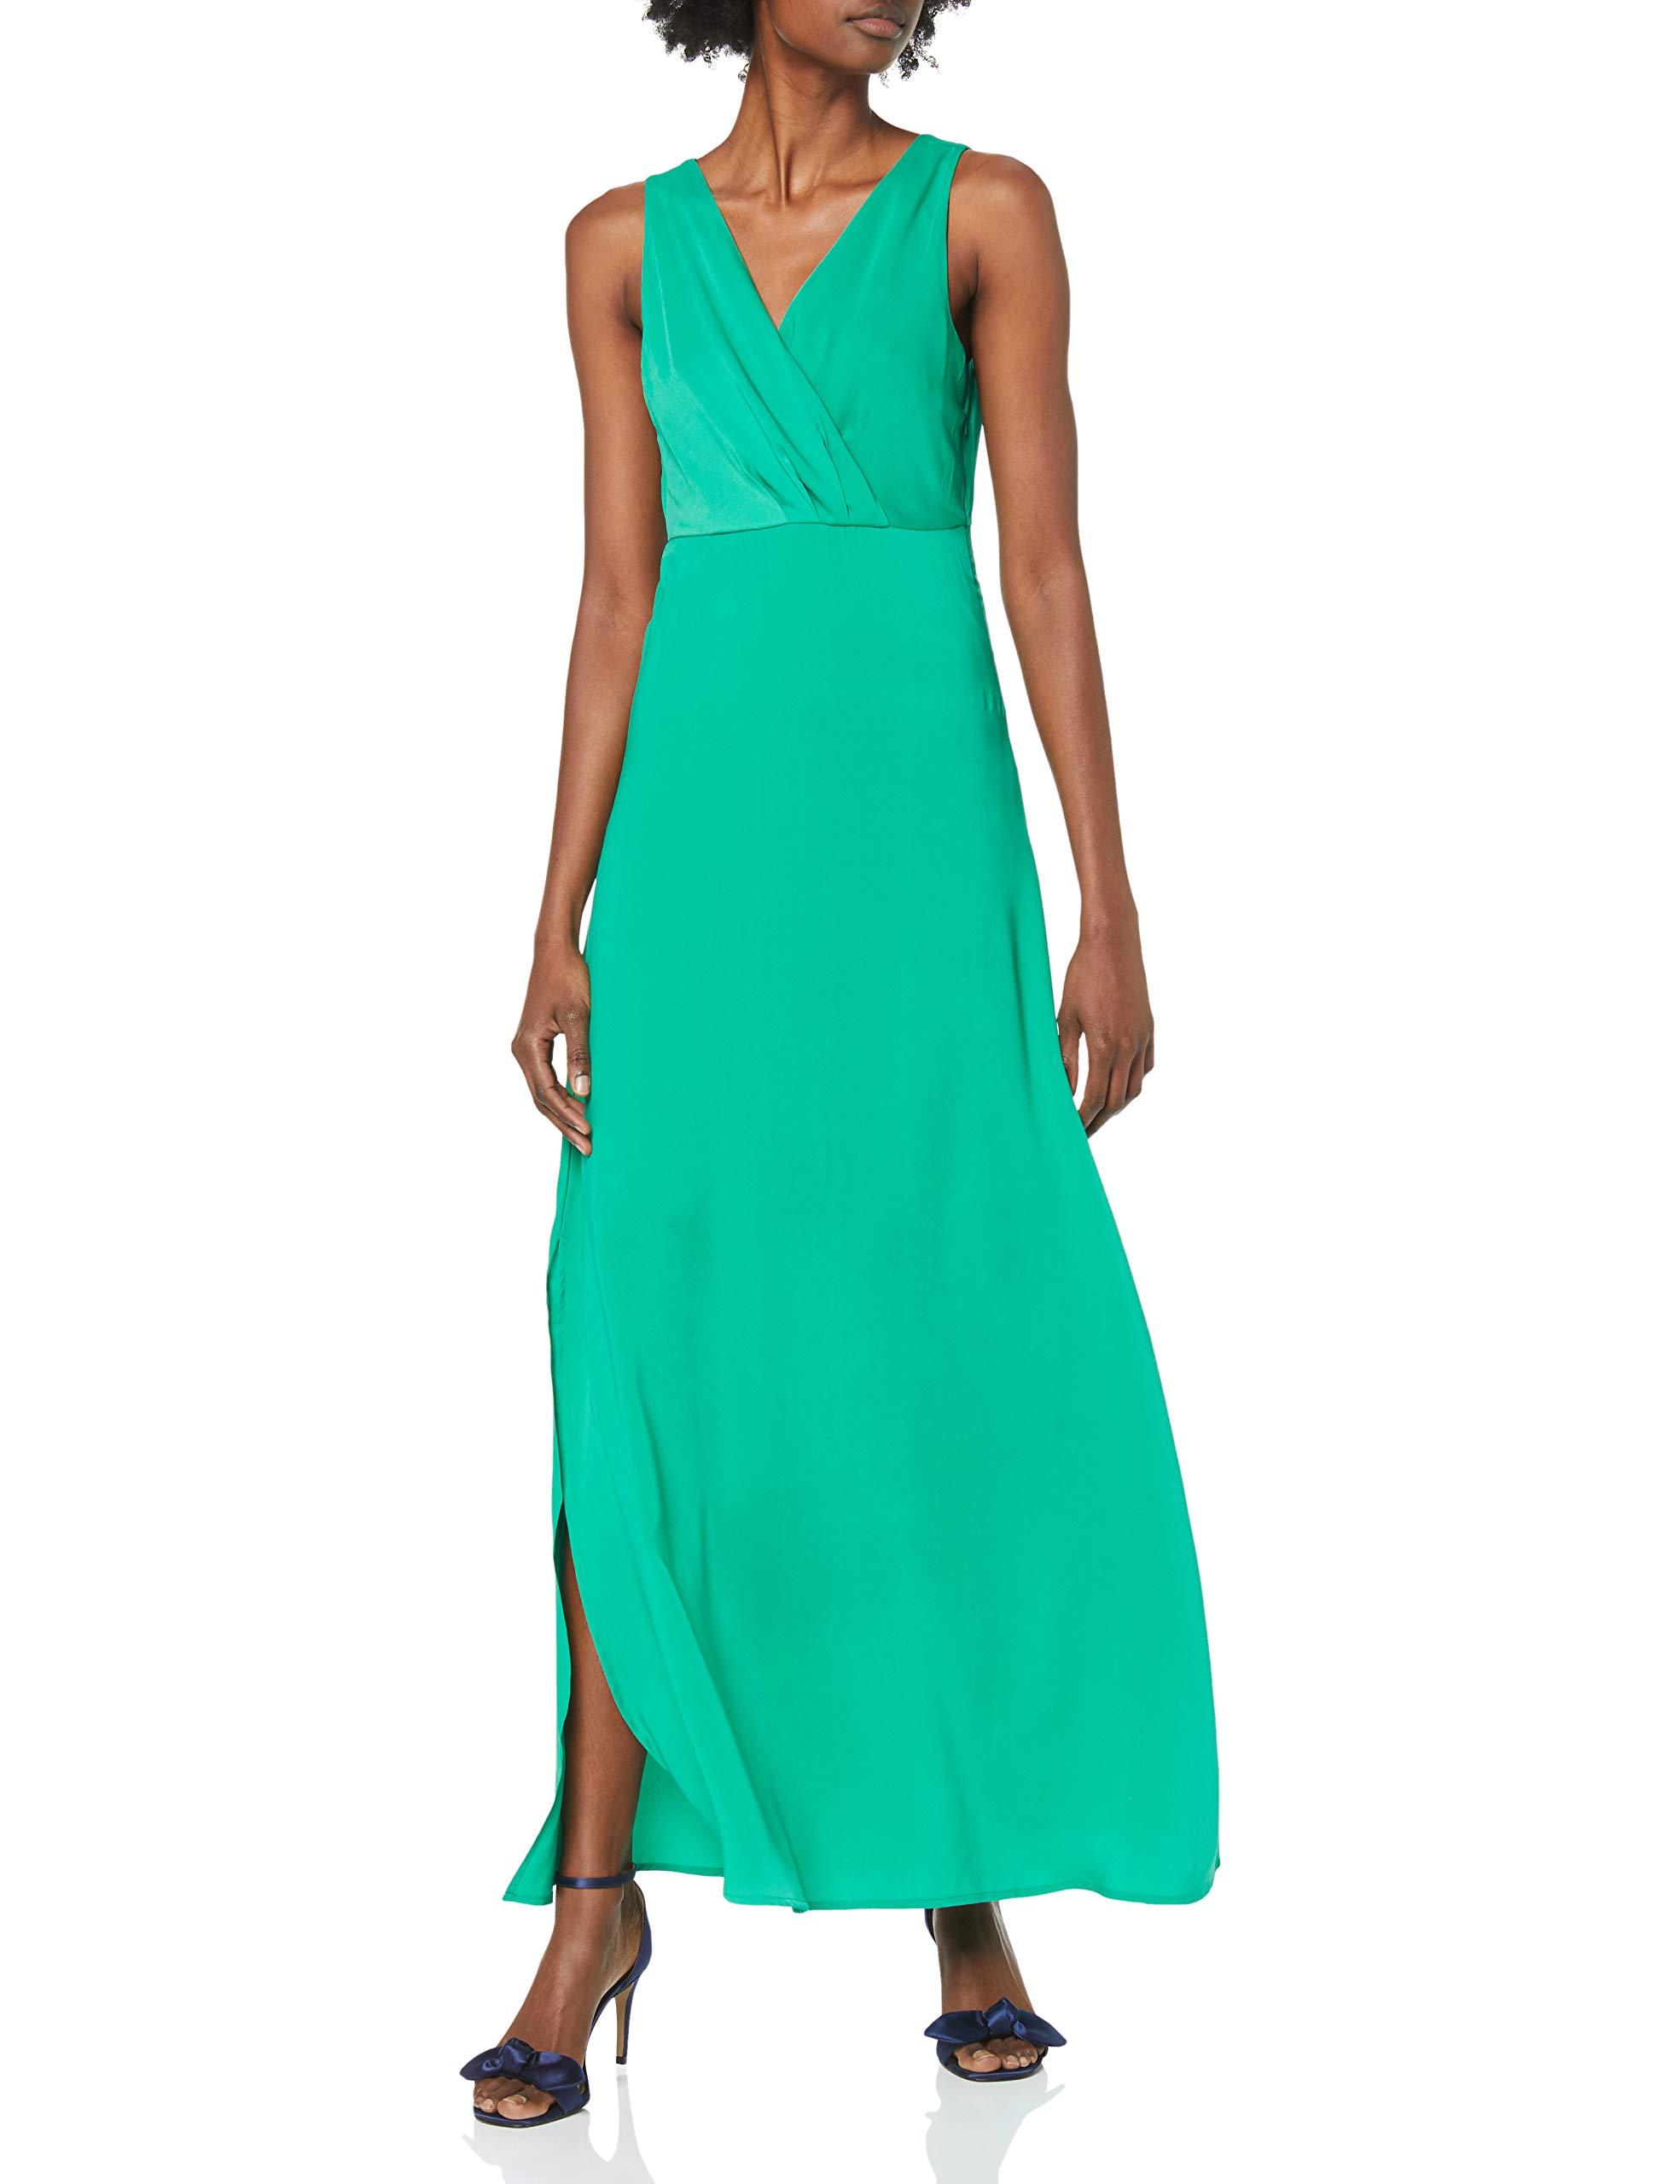 l Vila za RobeVert Fabricant42Femme S Green44taille Vifunda Maxi Dress Pepper NwOm8n0v